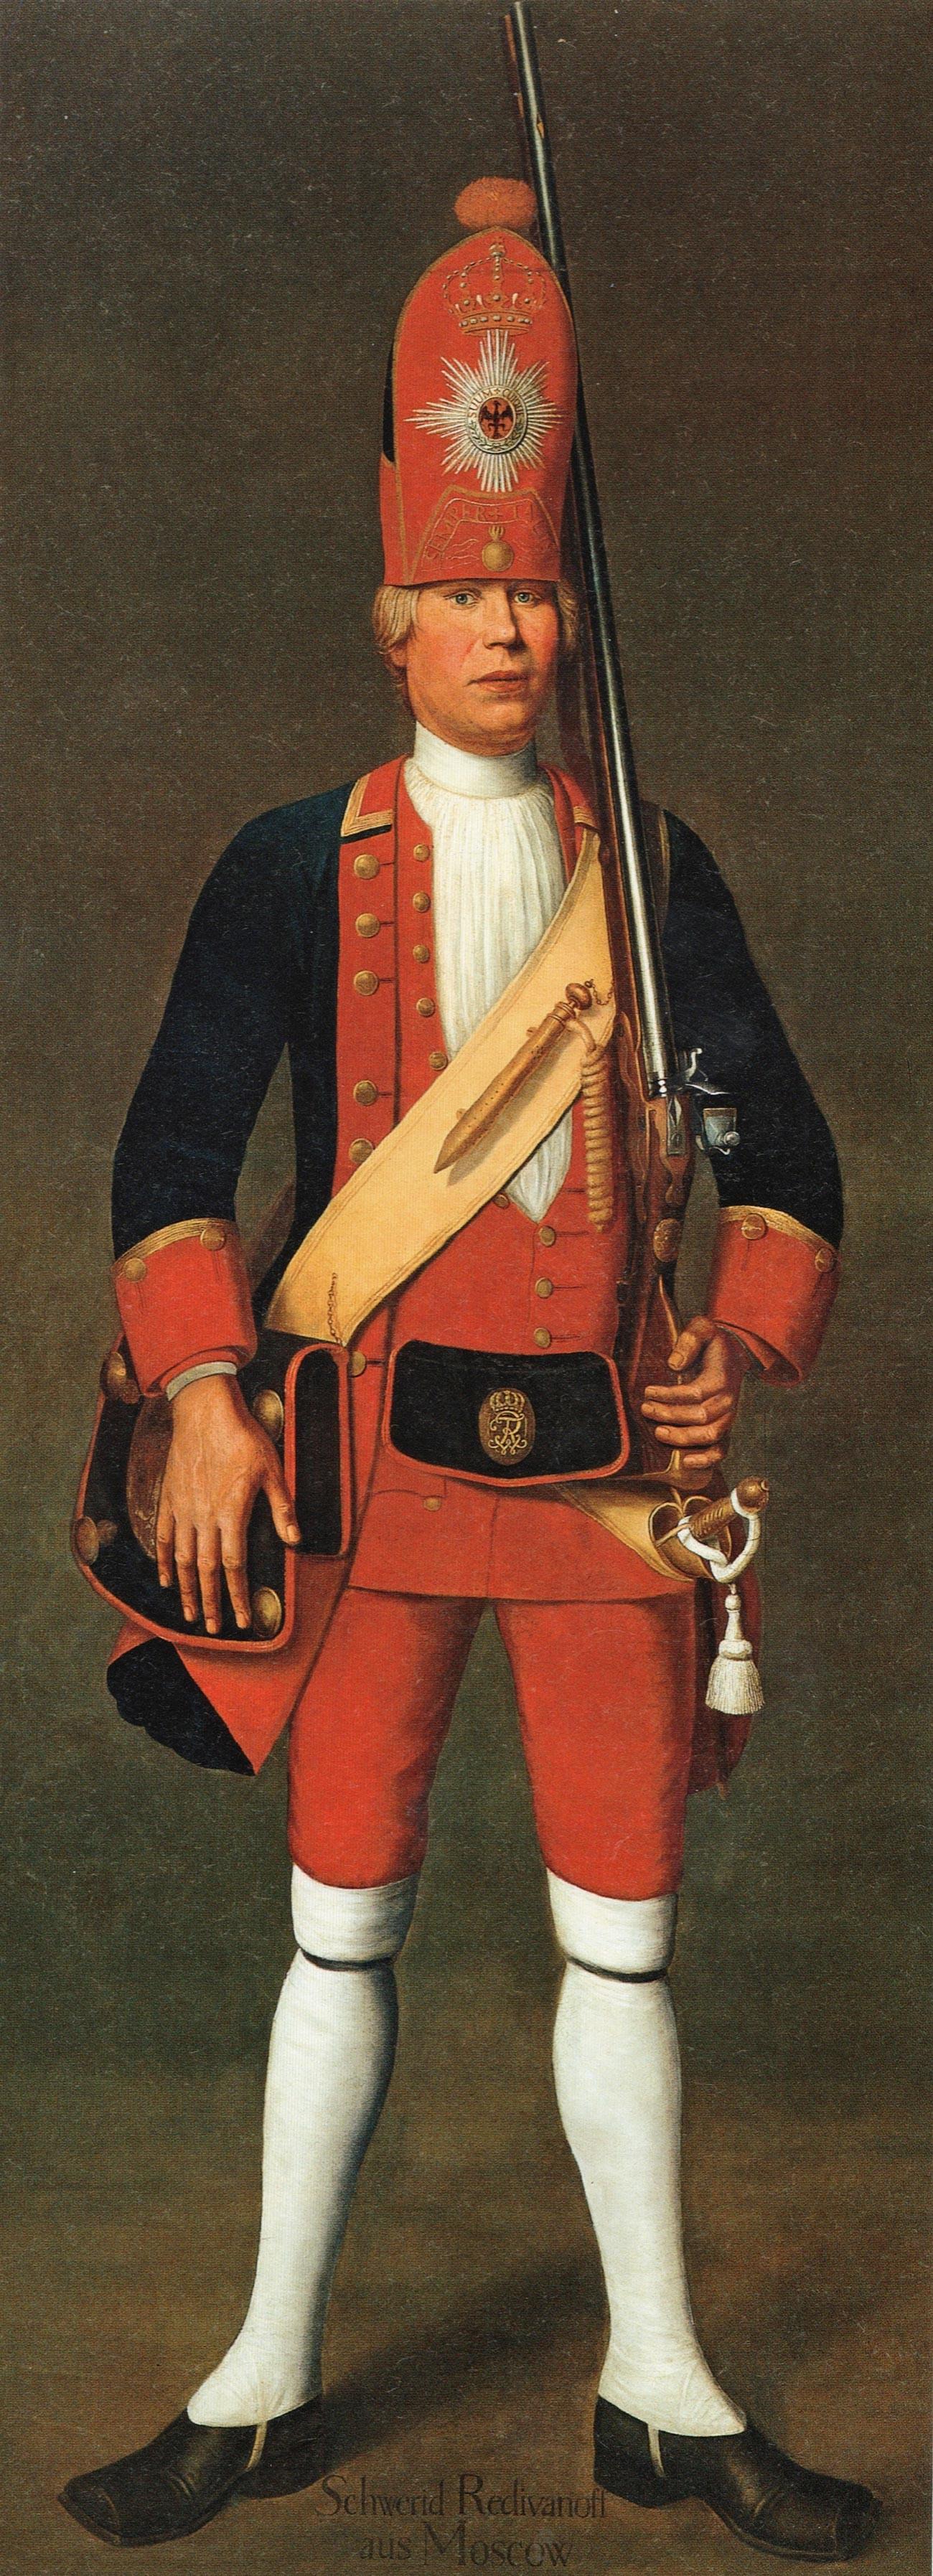 Портрет пешадинца Свирида Редиванова (Родионова) из Москве, кога је руски император поклонио пруском краљу у размену за Ћилибарну одају.